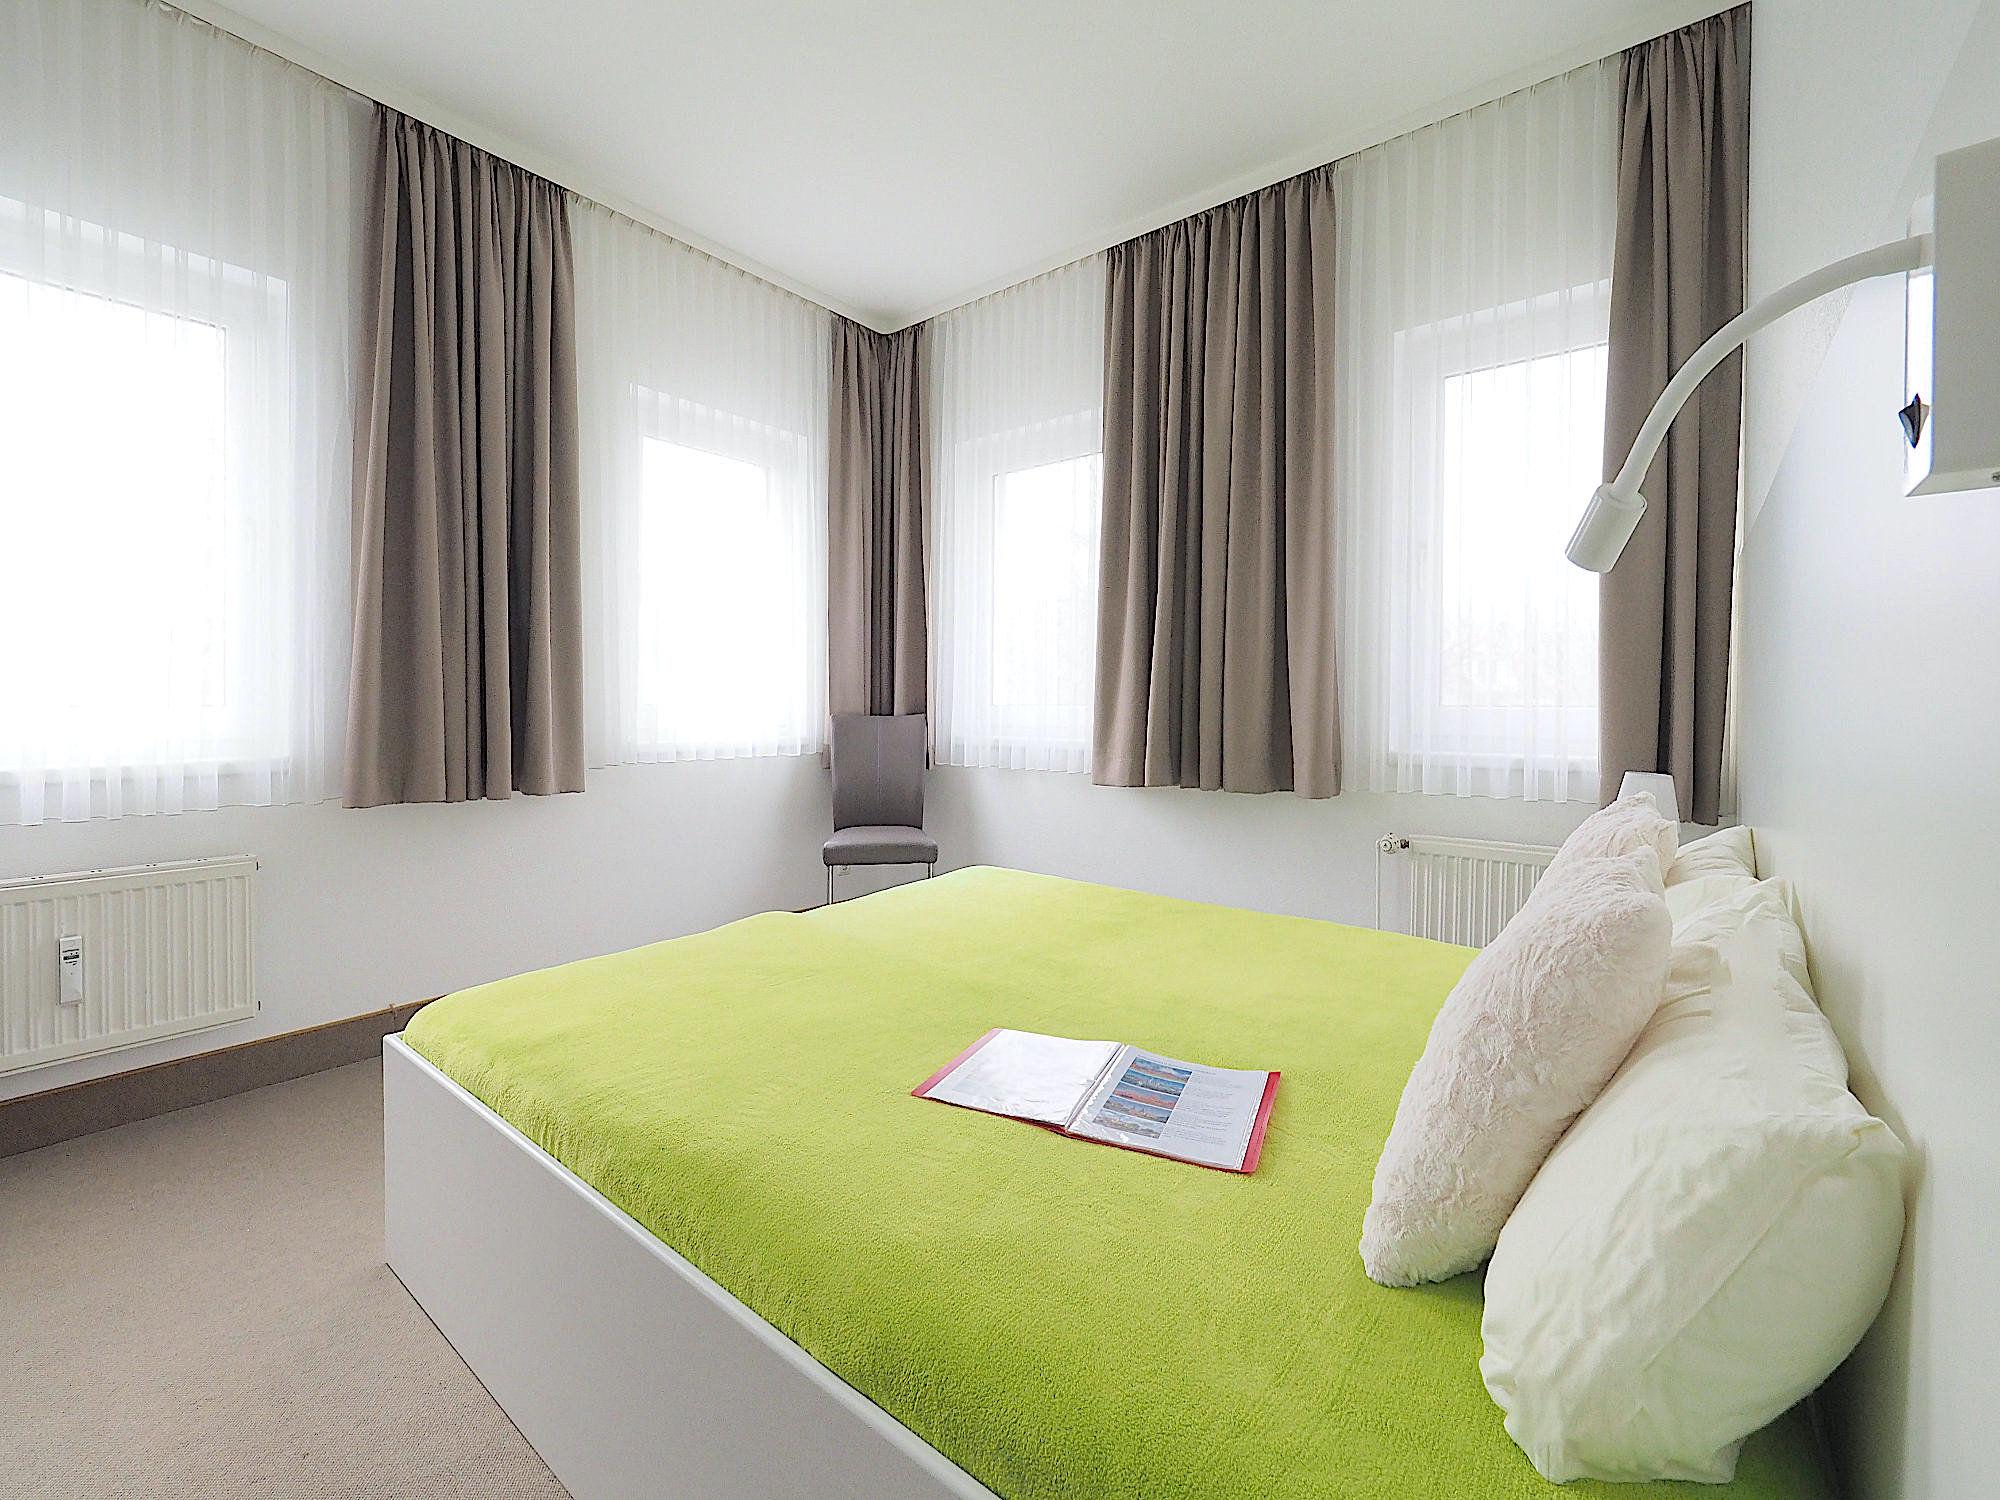 Zweites Schlafzimmer mit Doppelbett, an zwei Wänden jeweils 2 Fenster